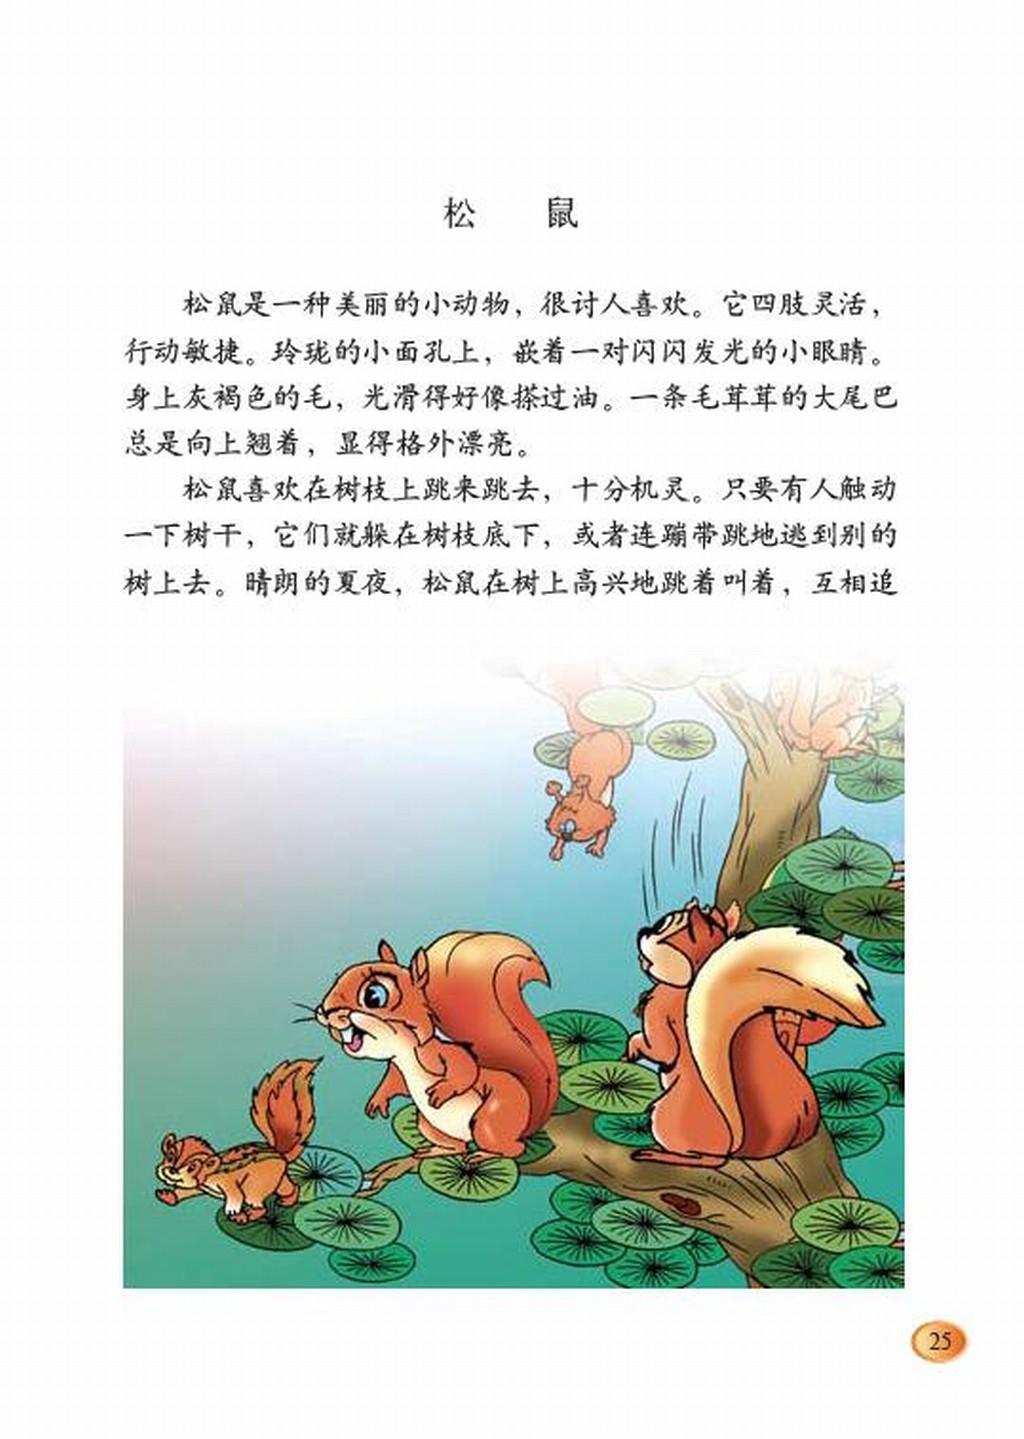 北师大版三年级语文下册第4单元 可爱的小生灵